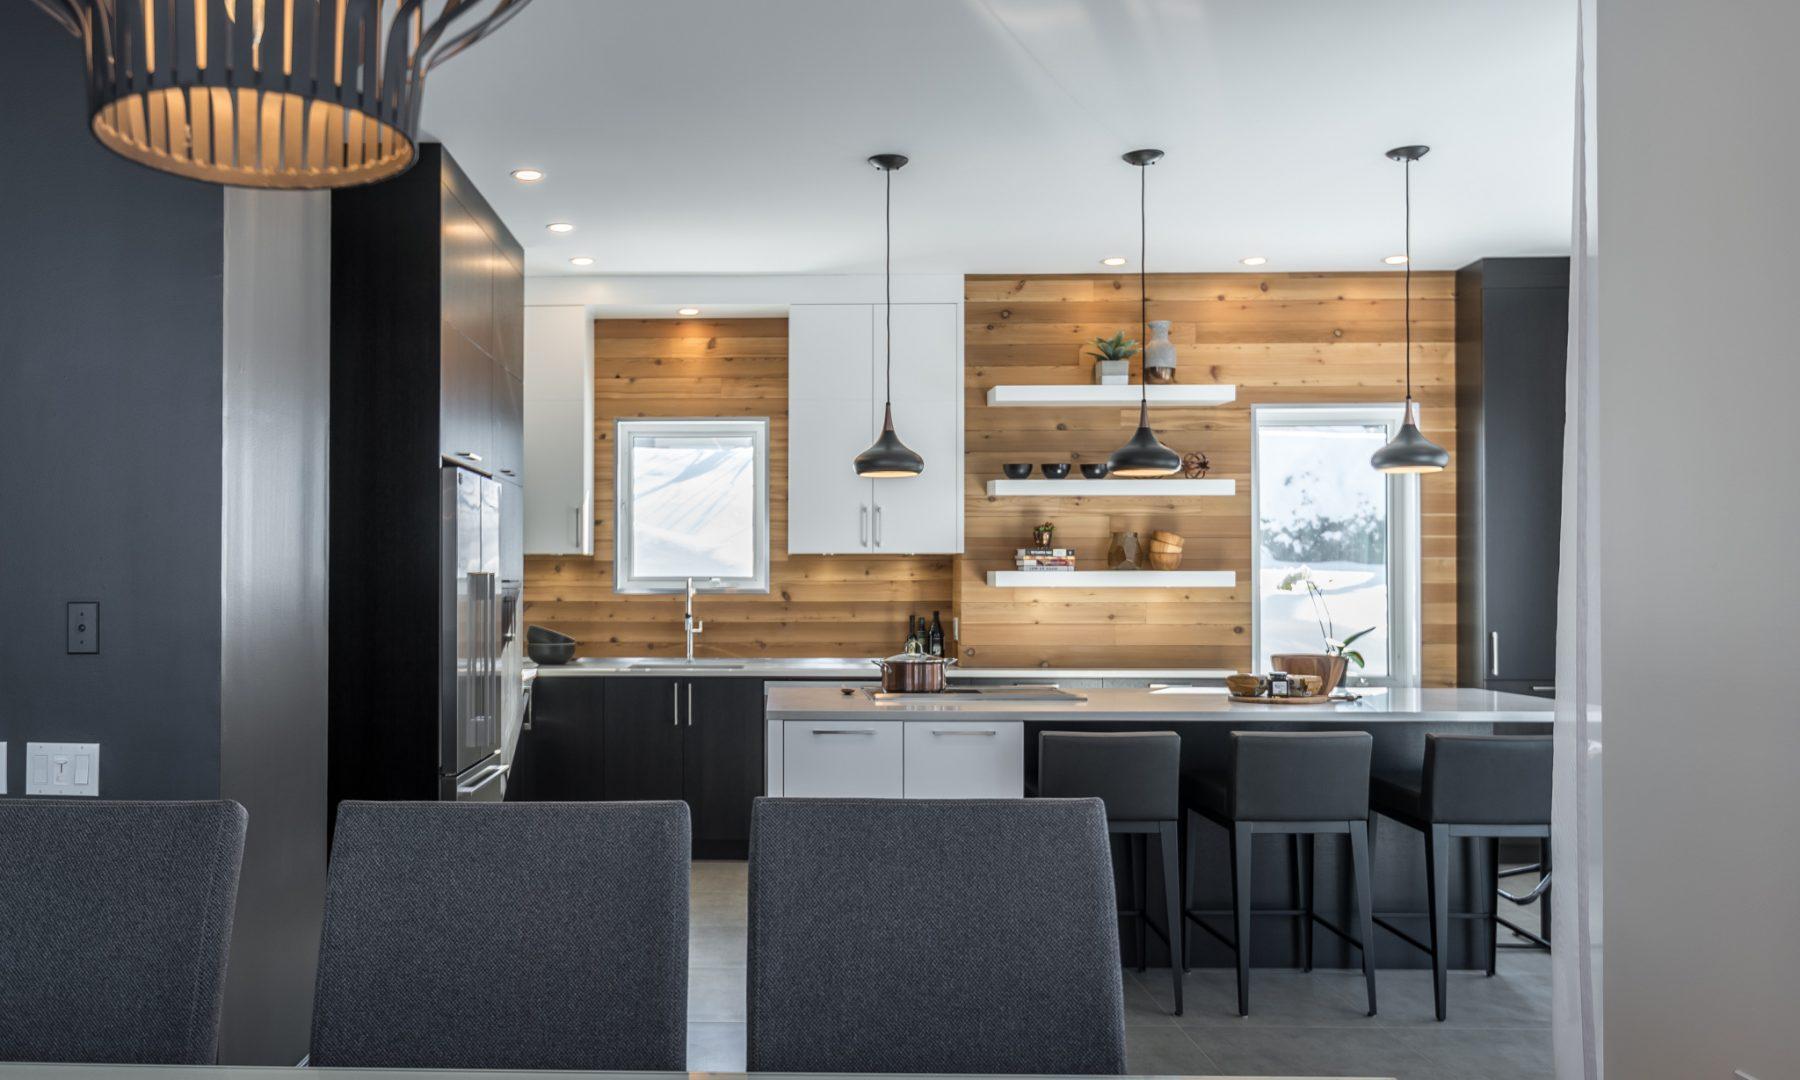 Cabico Custom Cabinets - Projet cuisine Winterly - vue de la table à manger